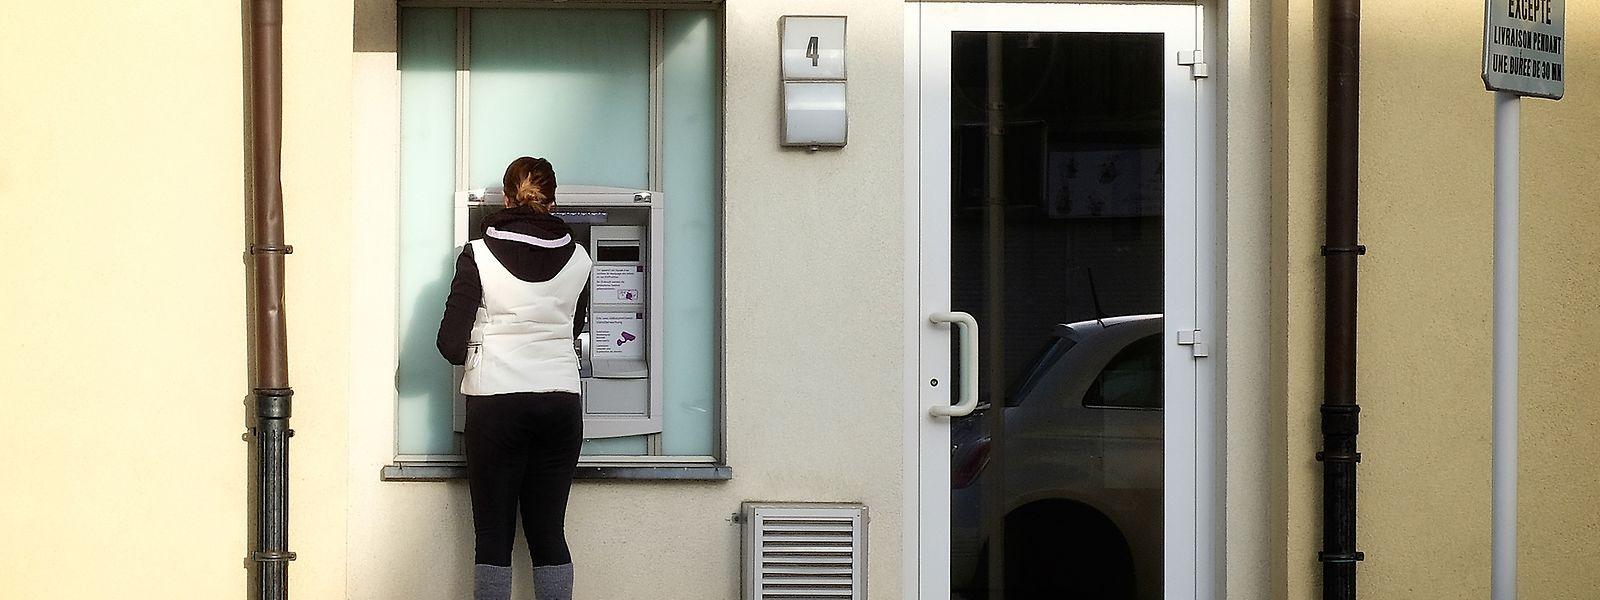 An Geldautomaten auf offener Straße haben Betrüger oftmals leichtes Spiel, um Bankkunden abzulenken.